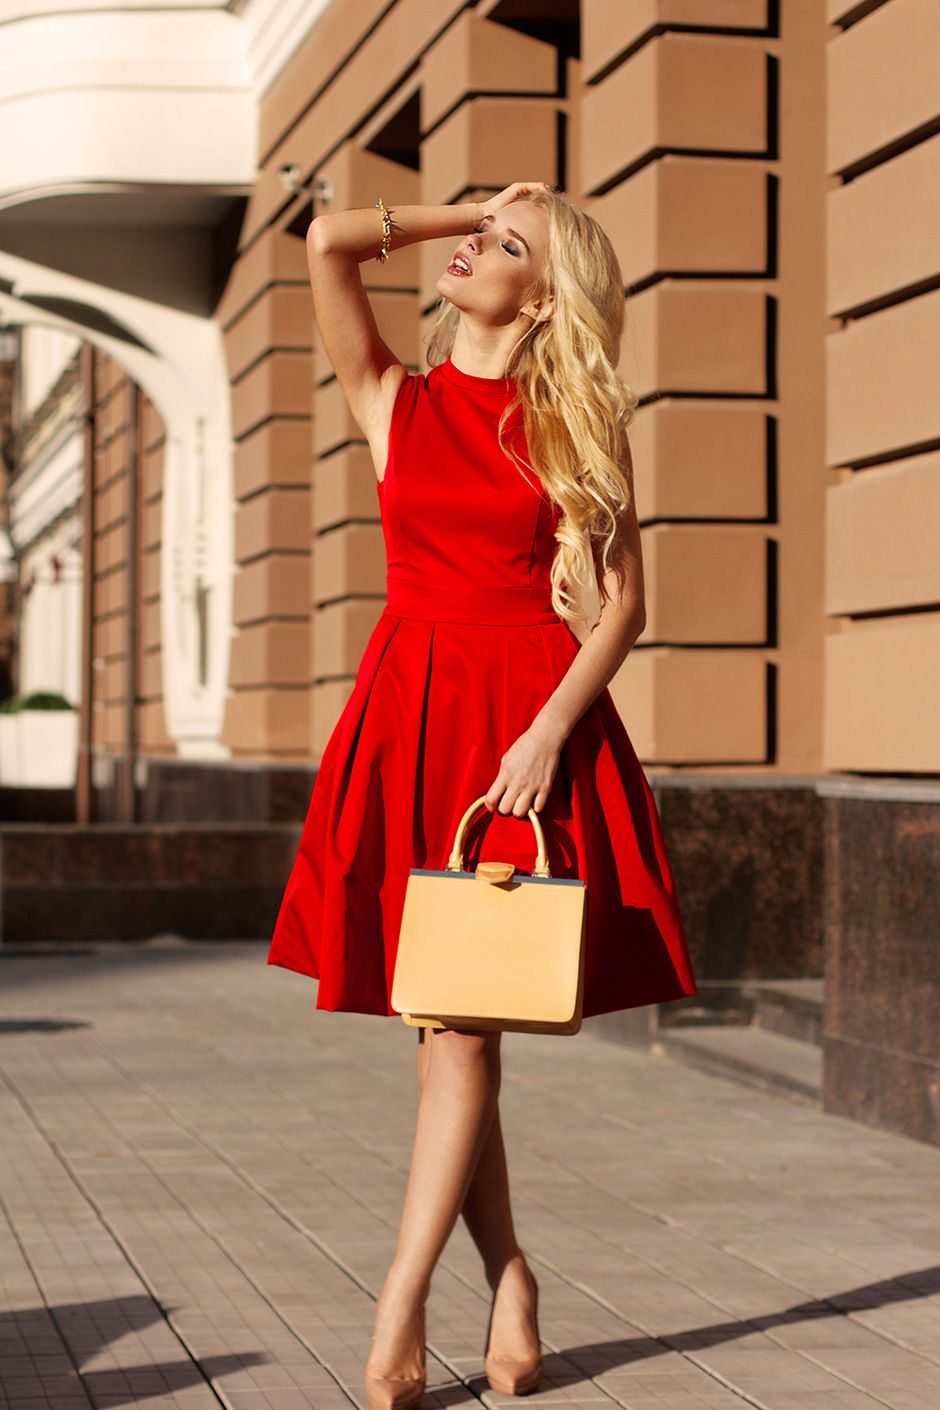 Elena by Sergey Korolkov